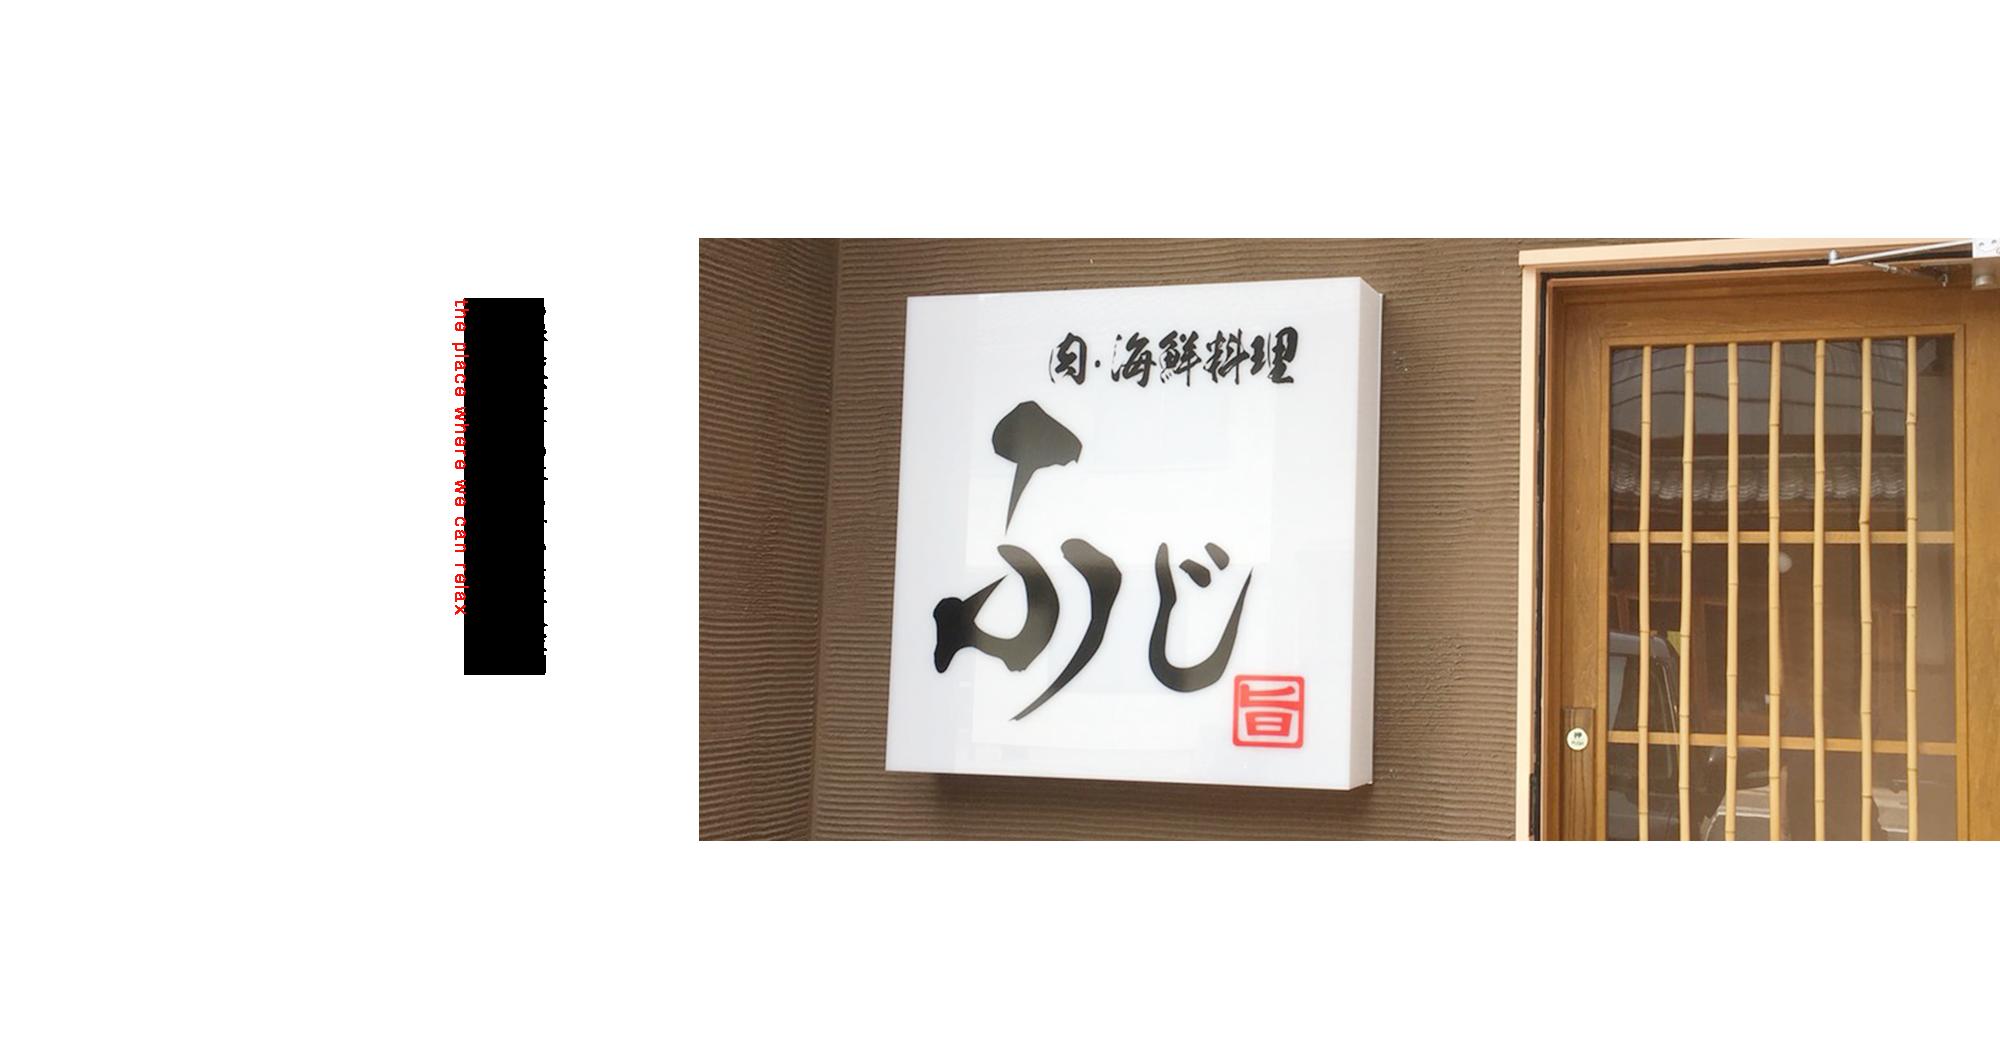 島根県松江市の落ち着いた大人空間 木のぬくもりに包まれた隠れ家